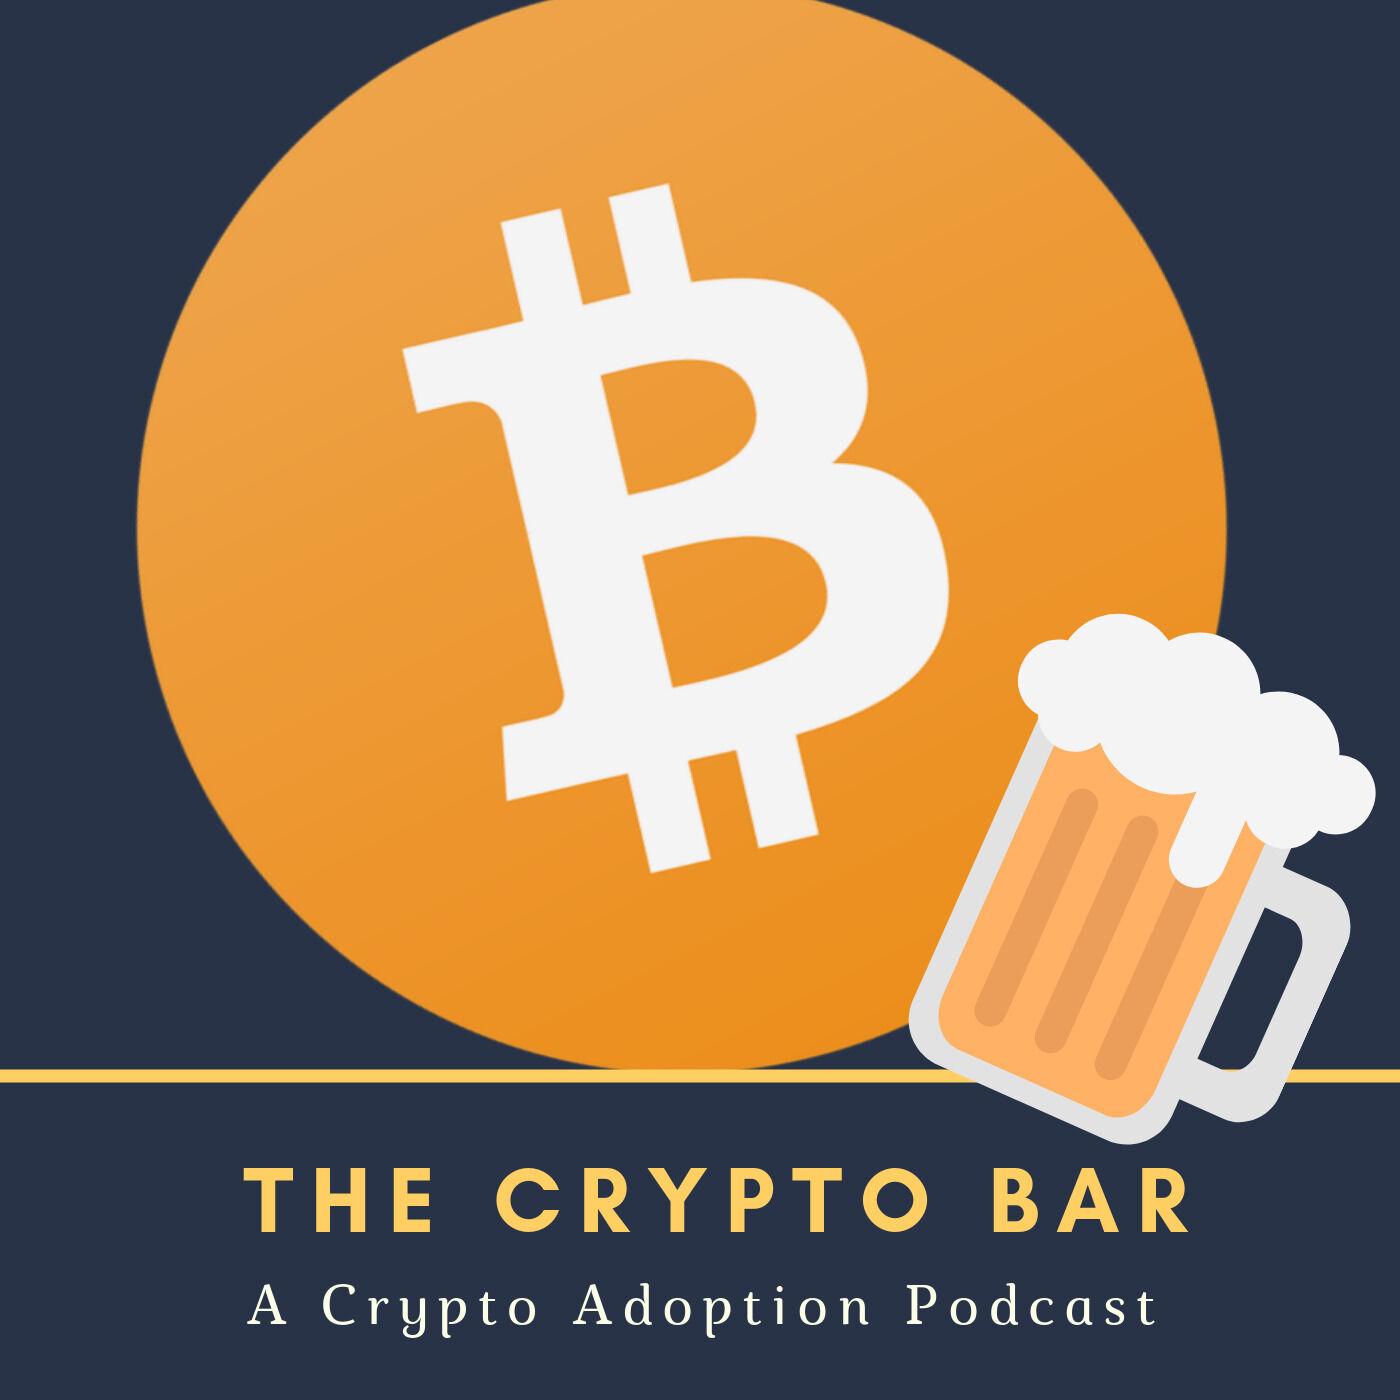 The Crypto Bar